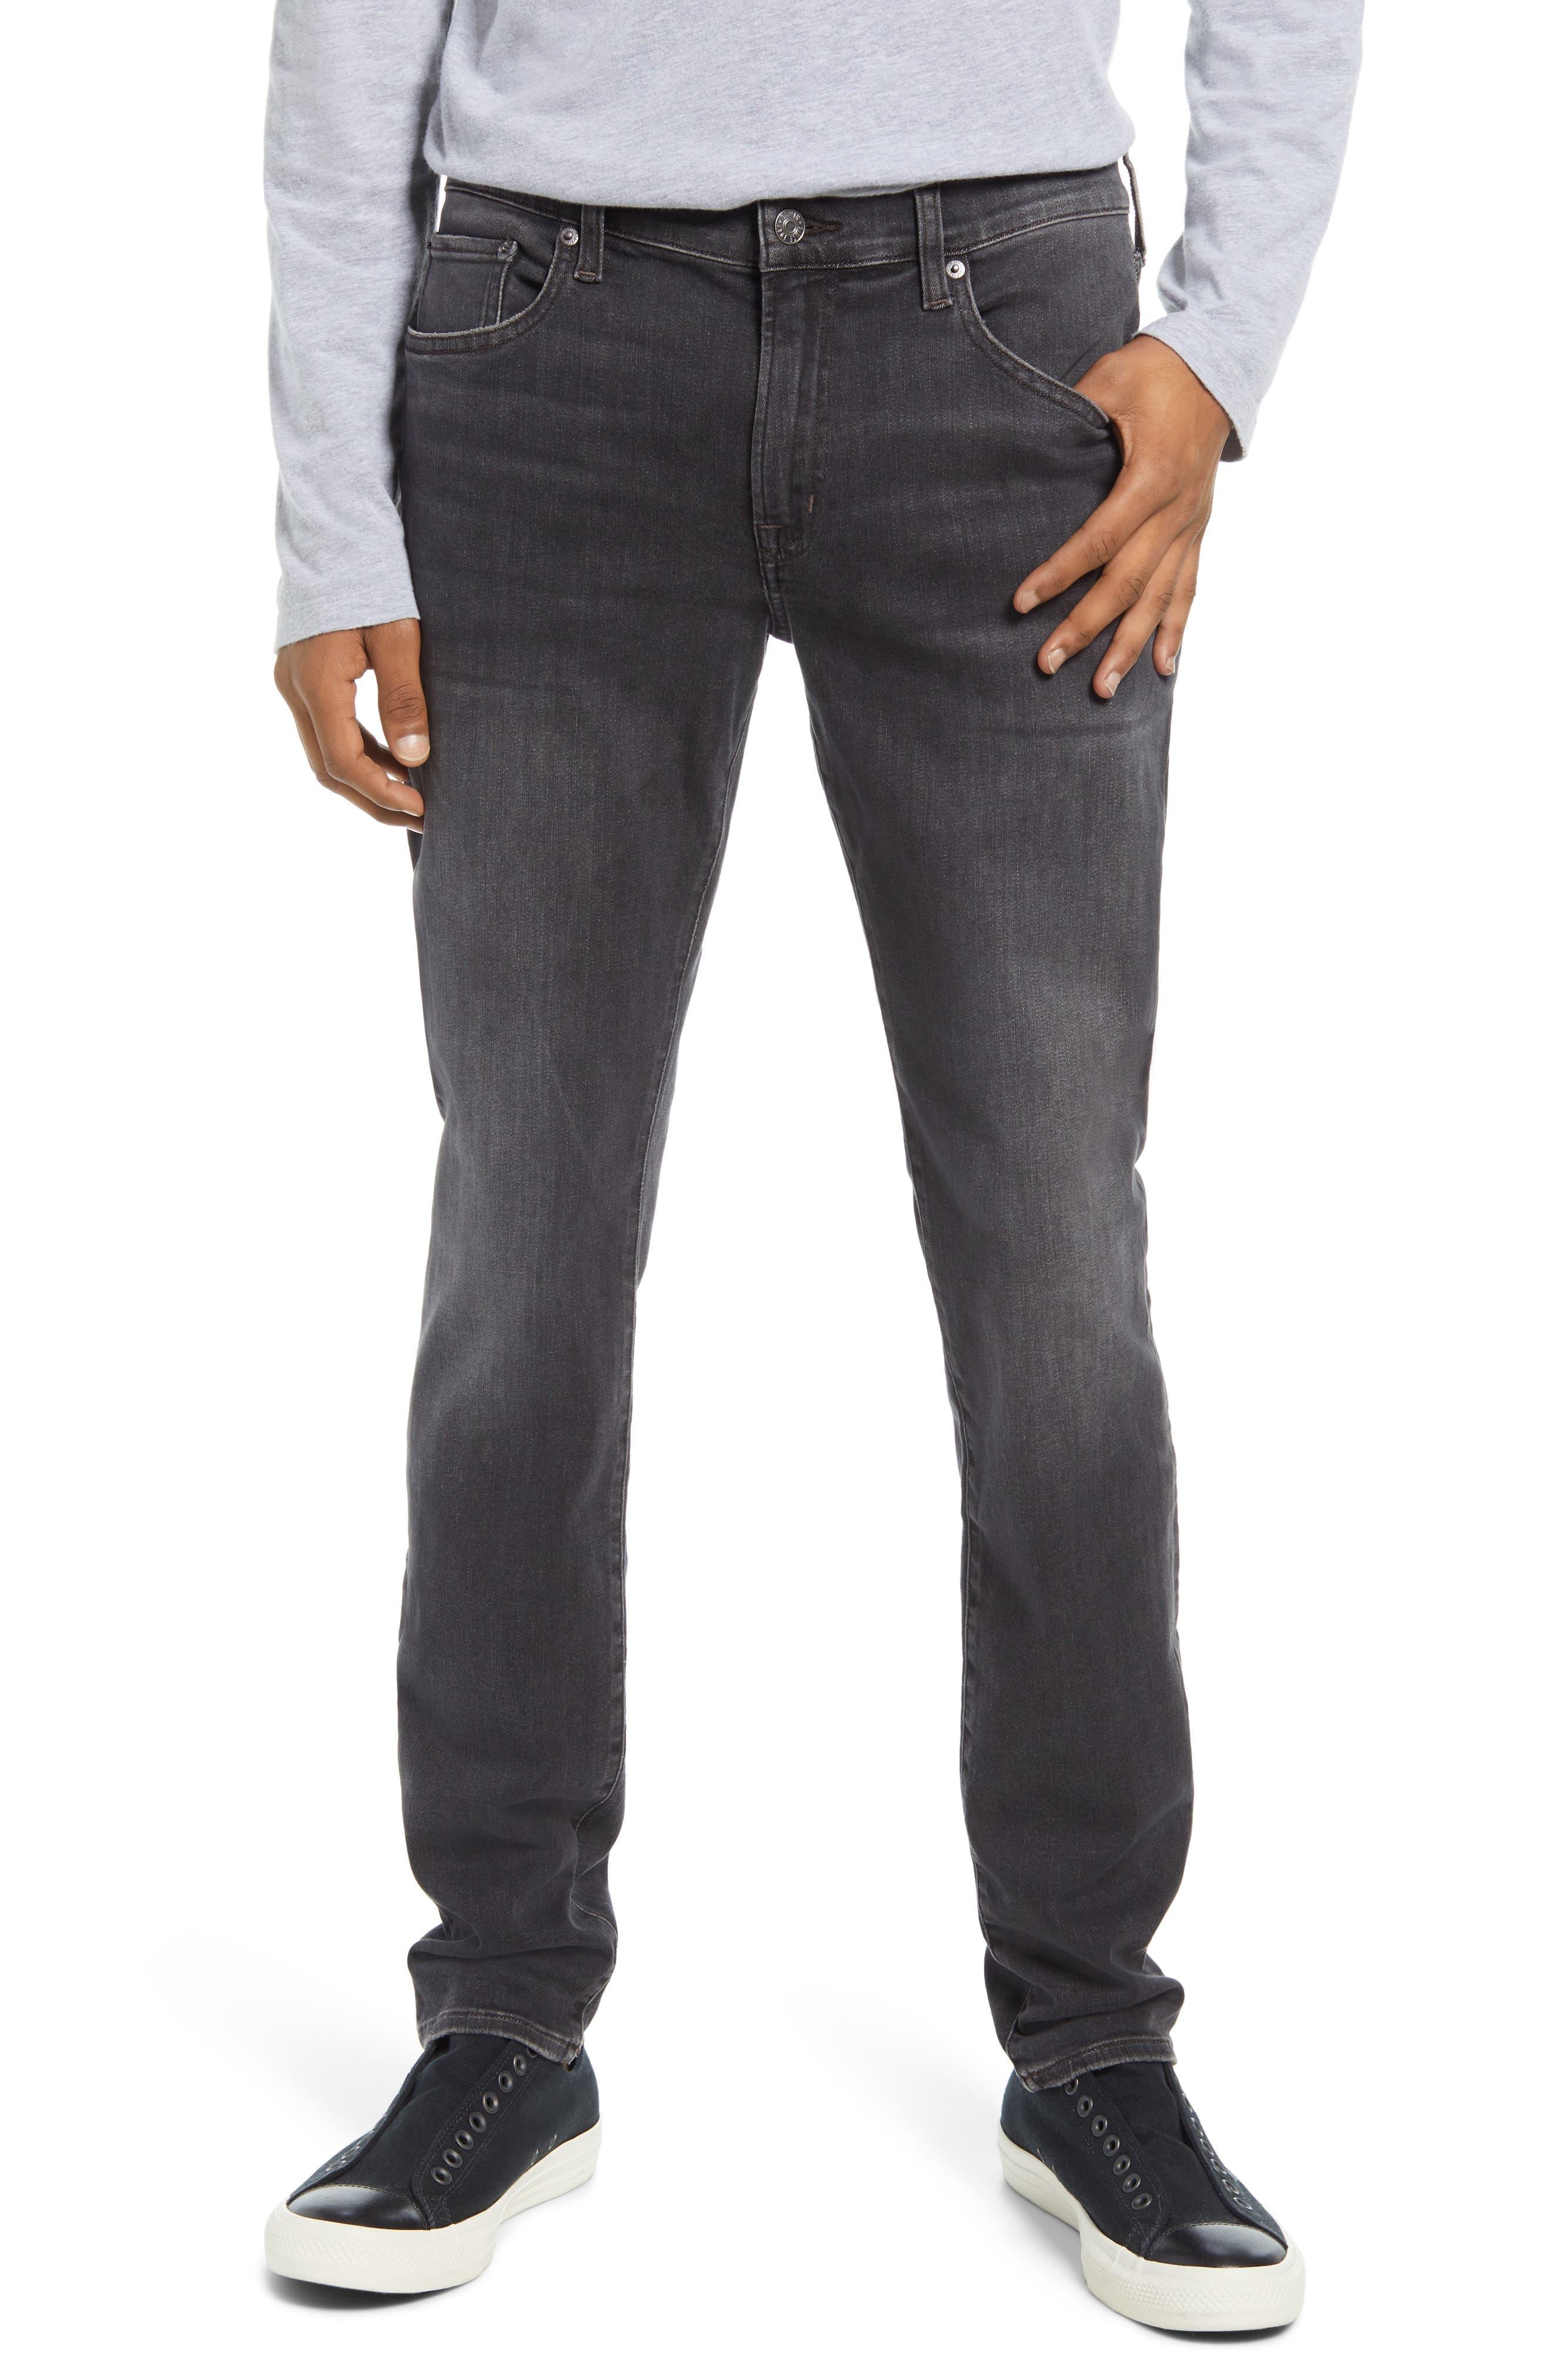 Lian Men's Skinny Fit Jeans